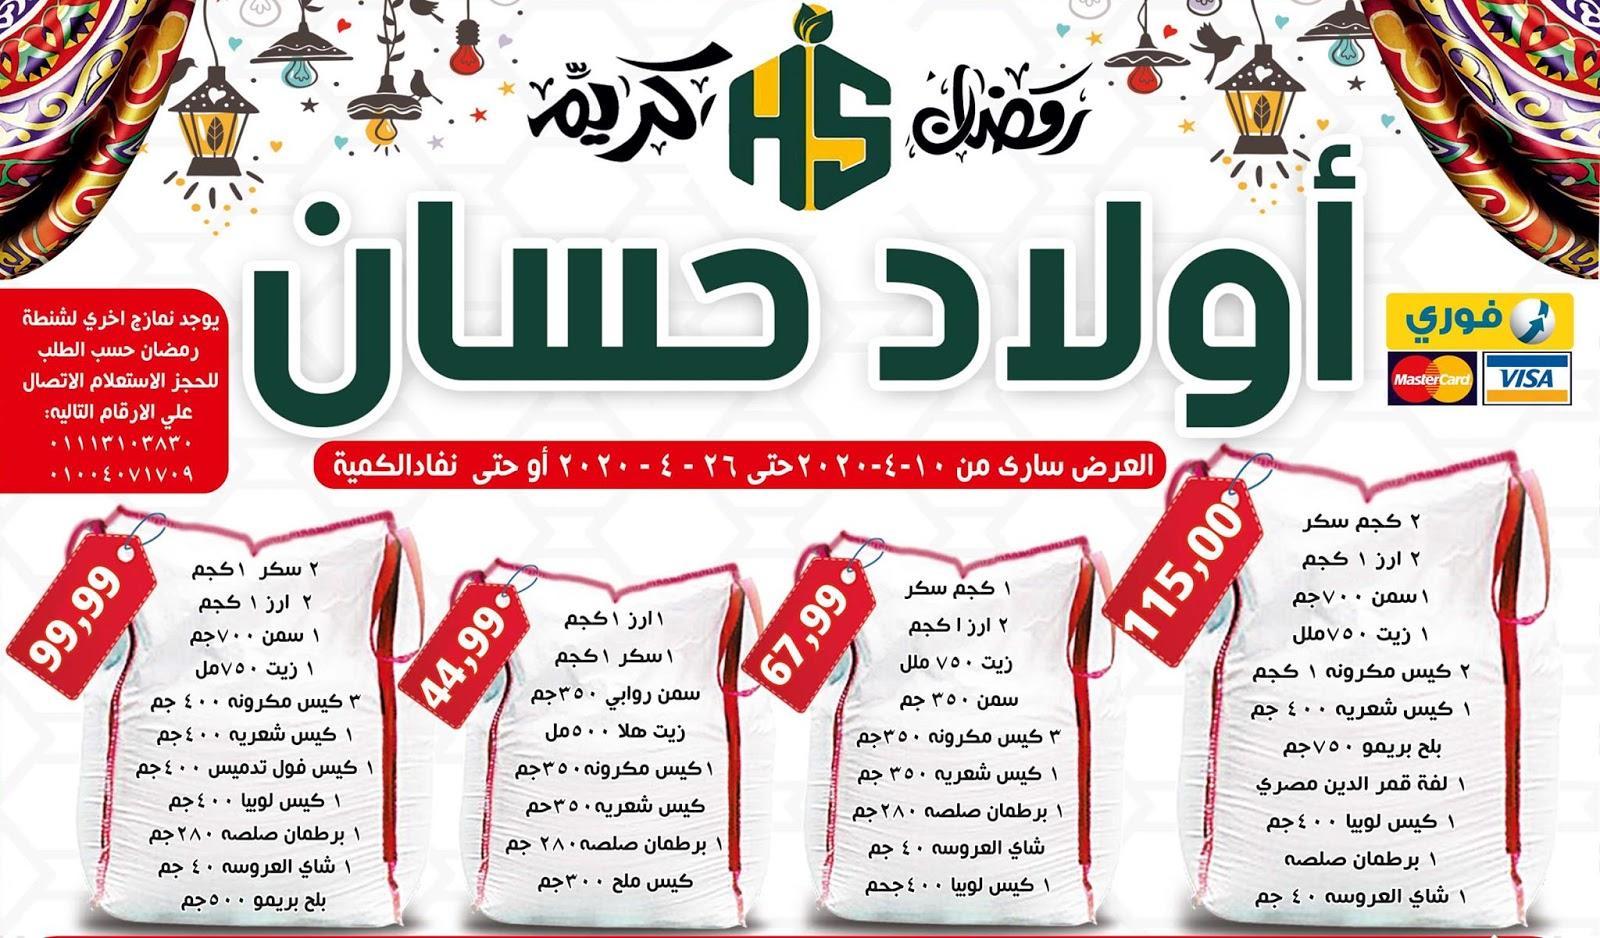 عروض اولاد حسان الحوامدية جيزة من 10 ابريل حتى 26 ابريل 2020 رمضان كريم